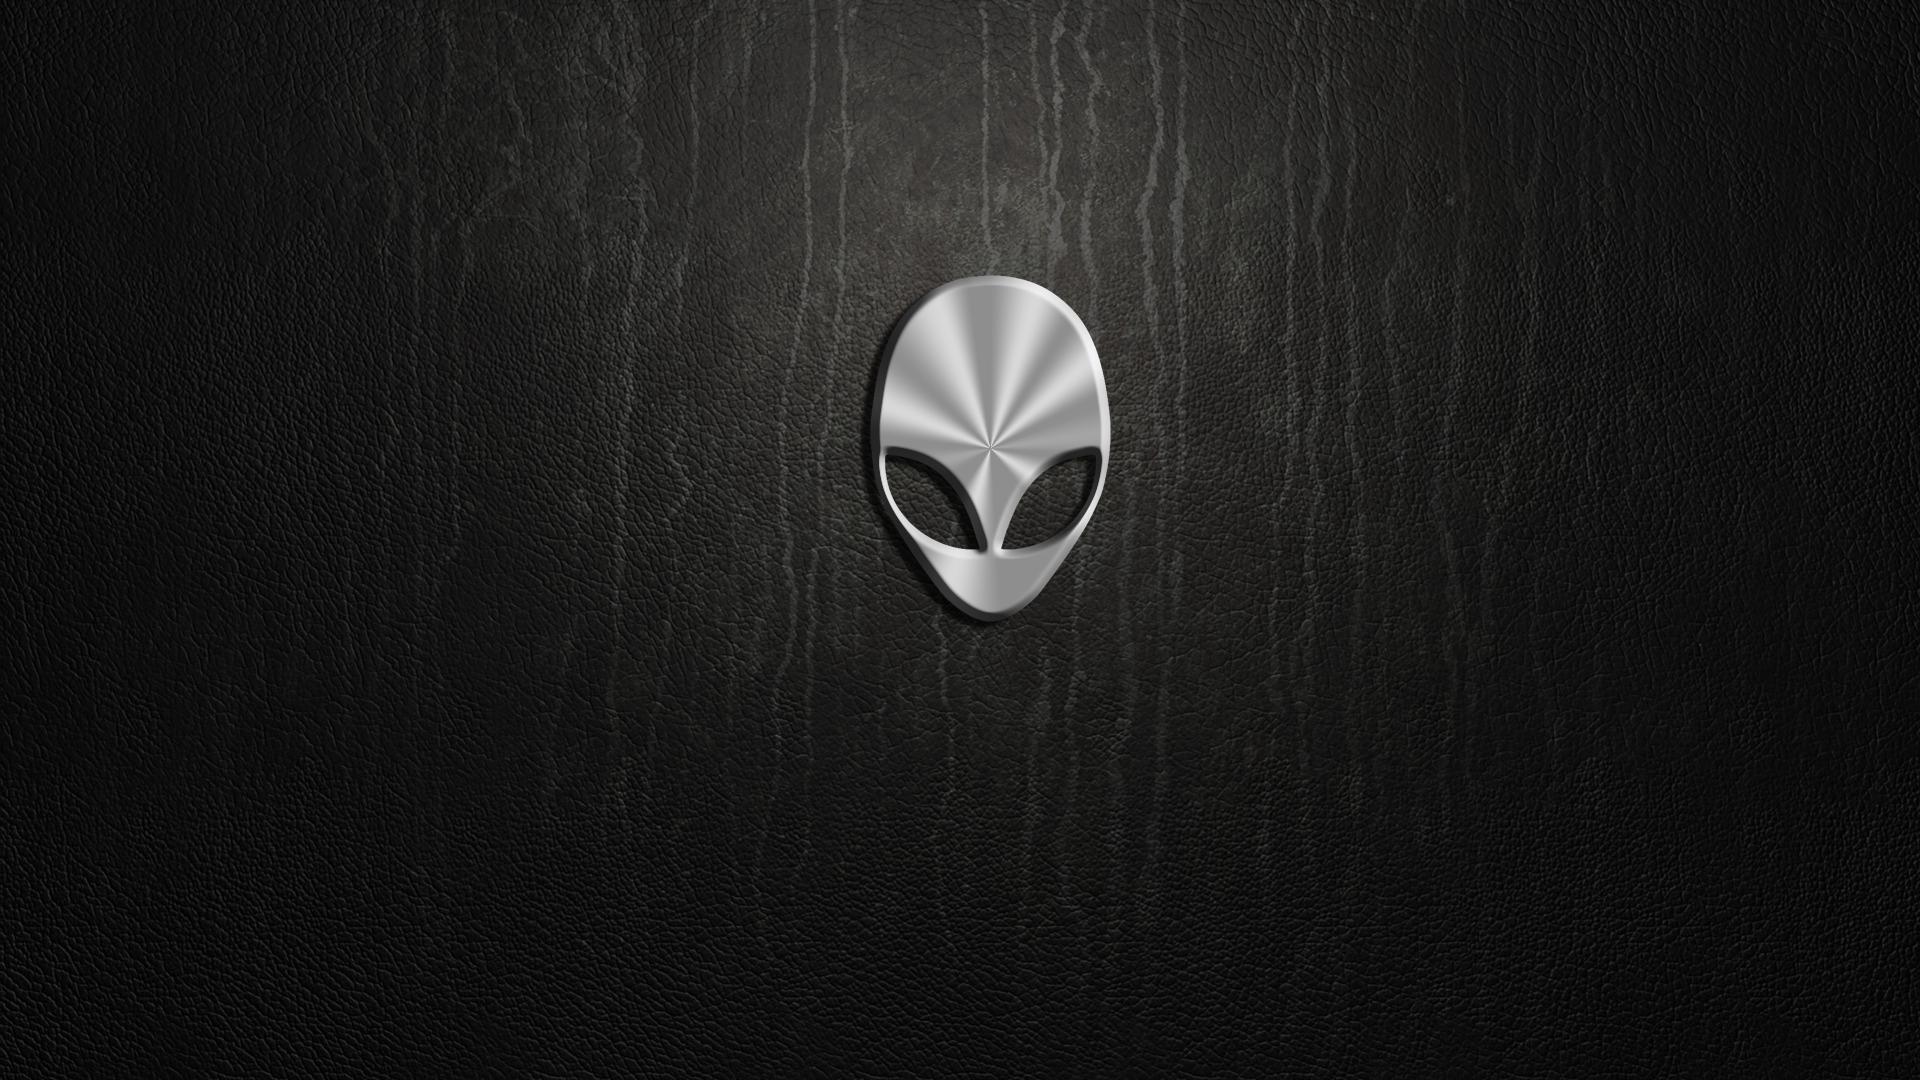 デスクトップ壁紙 ロゴ サークル ブランド エイリアンウェア 光 点灯 形状 闇 スクリーンショット コンピュータの壁紙 黒と白 モノクロ写真 フォント 19x1080 Obseek デスクトップ壁紙 Wallhere